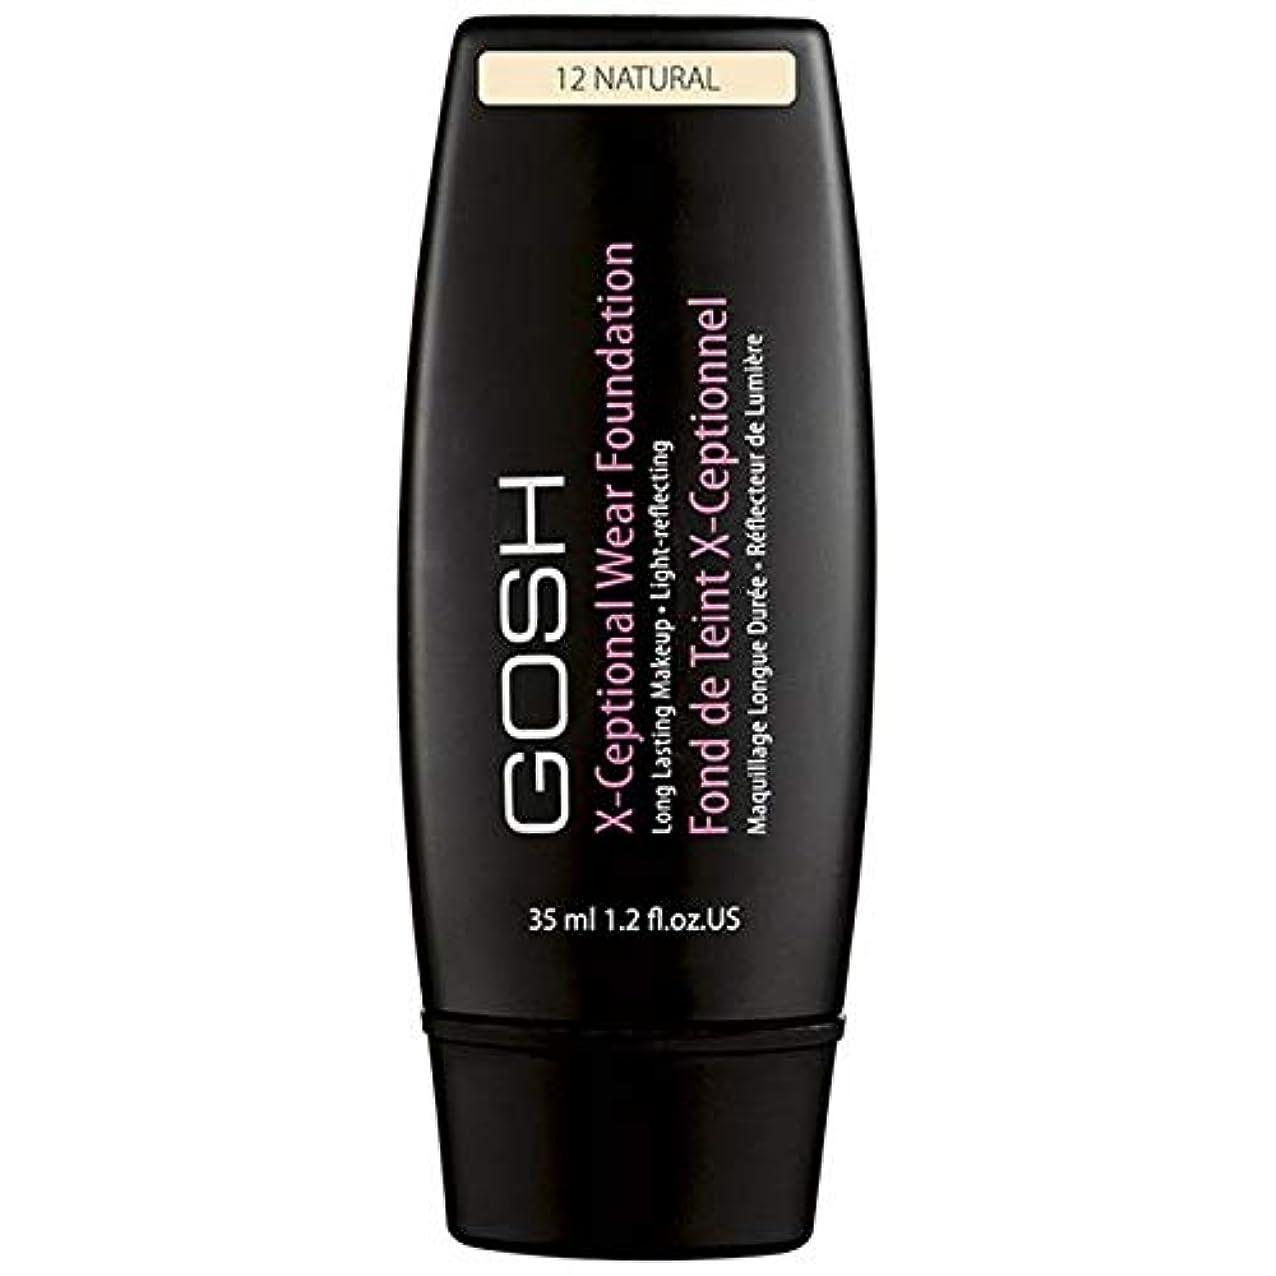 レジデンス犯す販売計画[GOSH ] おやっX-Ceptionalナチュラル12を構成して着用 - Gosh X-Ceptional Wear Make Up Natural 12 [並行輸入品]